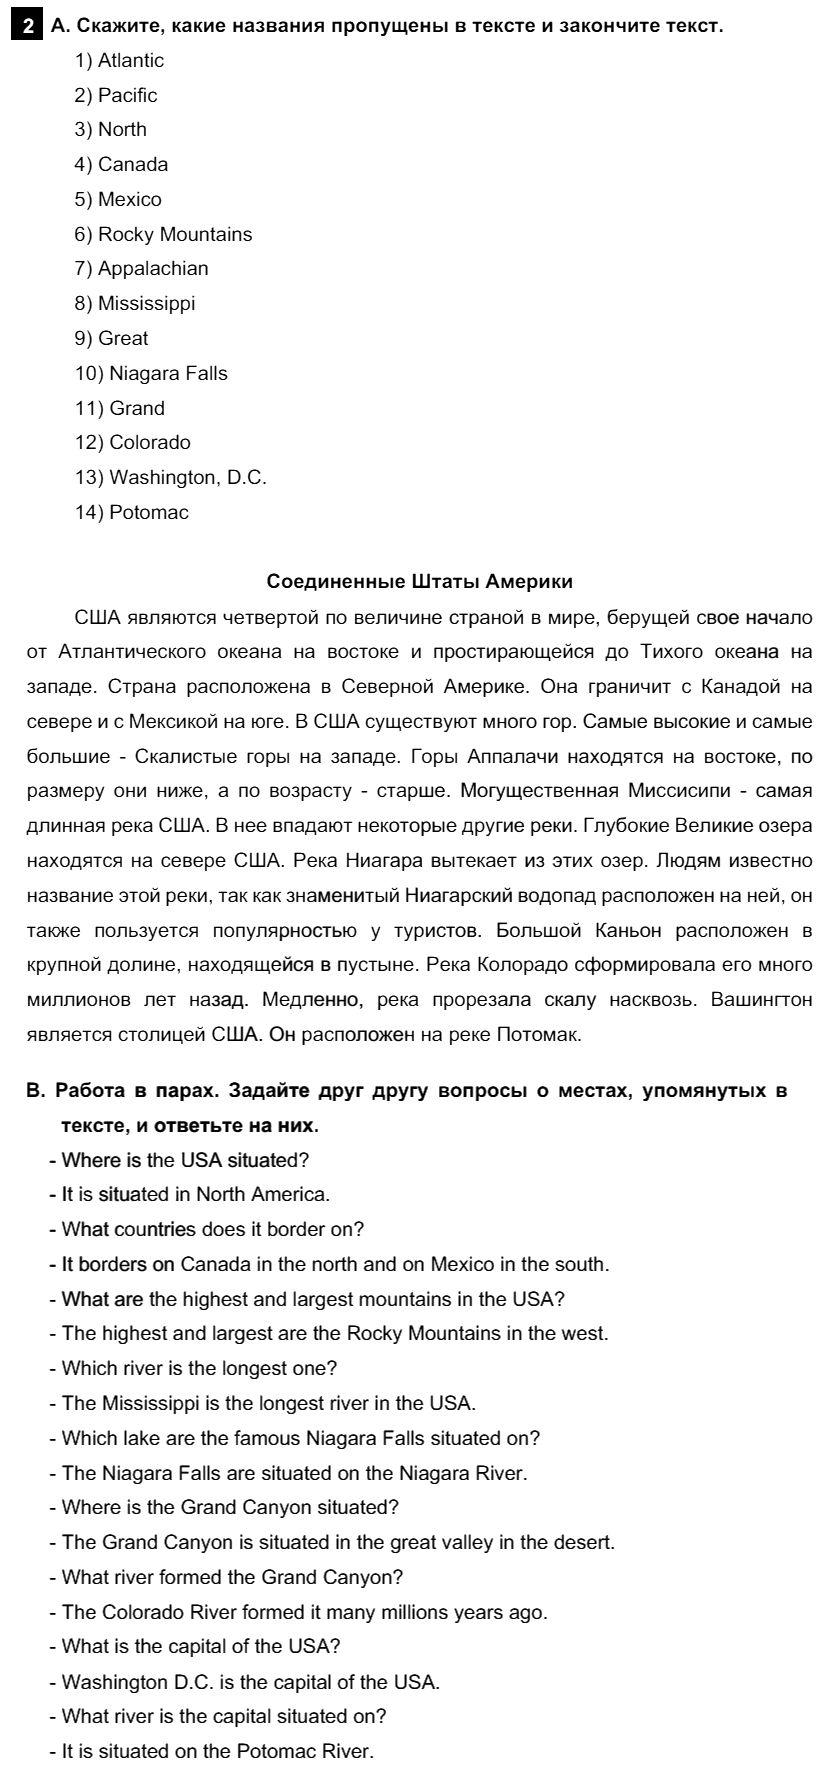 Английский язык 7 класс Афанасьева О. В. Unit 3. Несколько фактов об англоговорящем мире / Шаг 8: 2